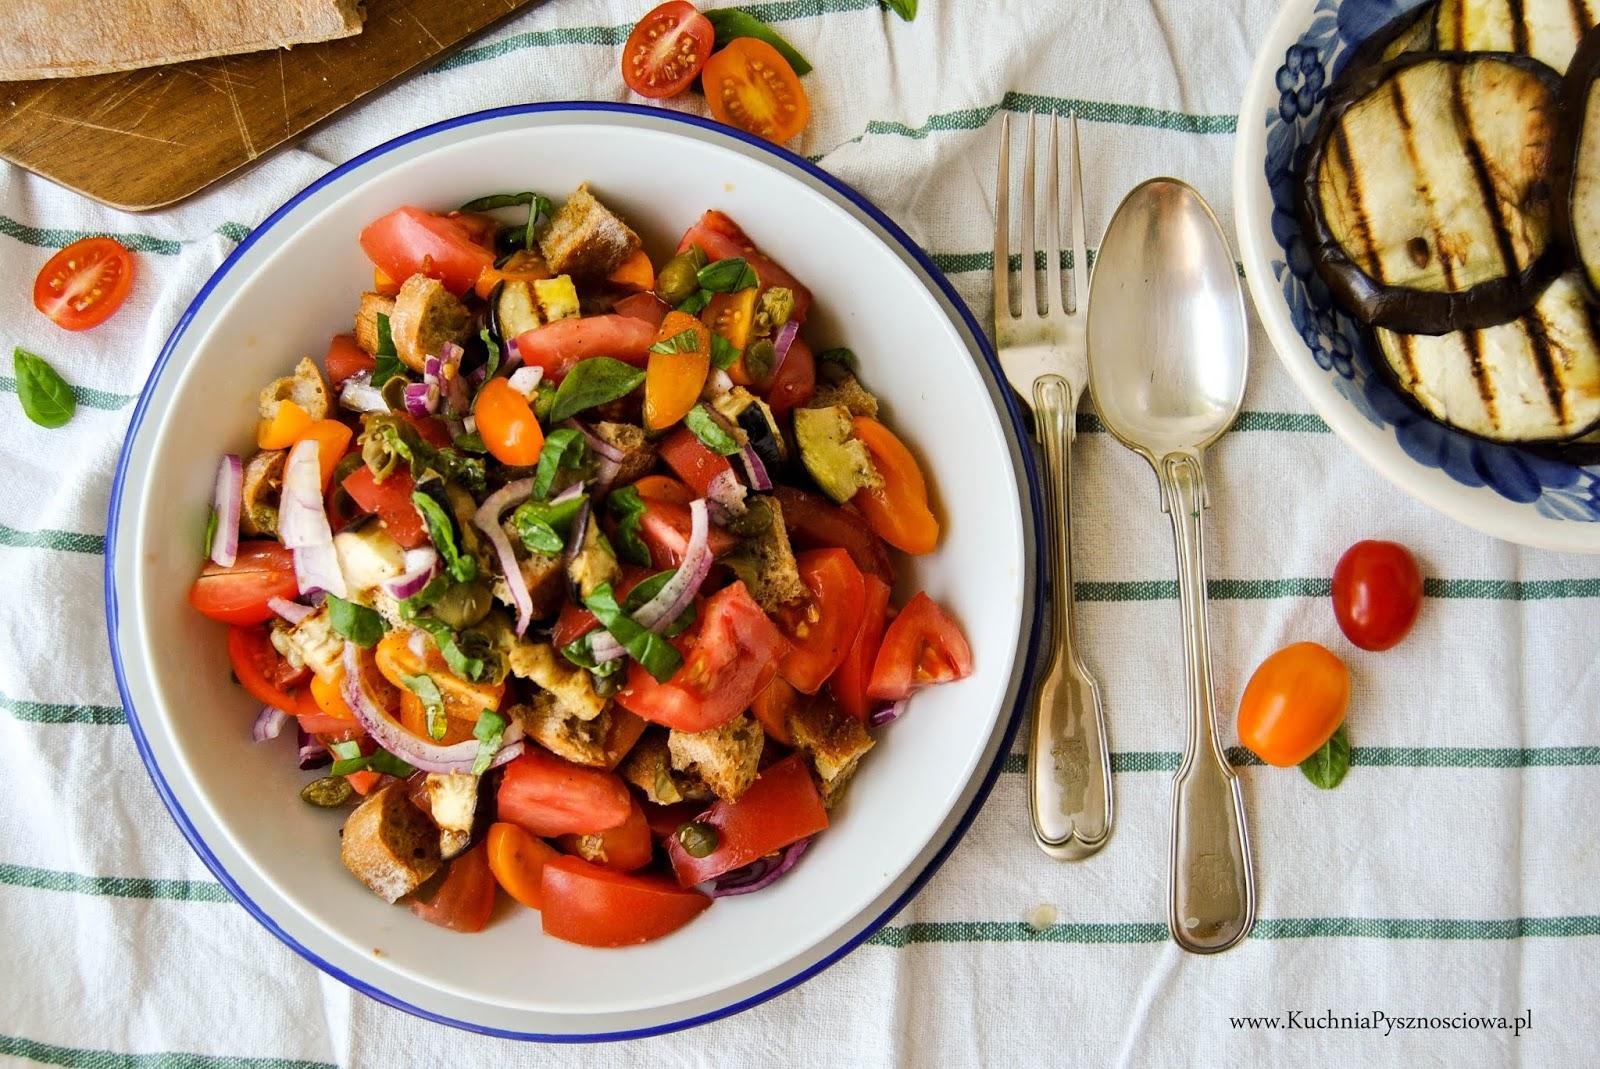 701. Panzanella, sałatka z pomidorów i czerstwego pieczywa